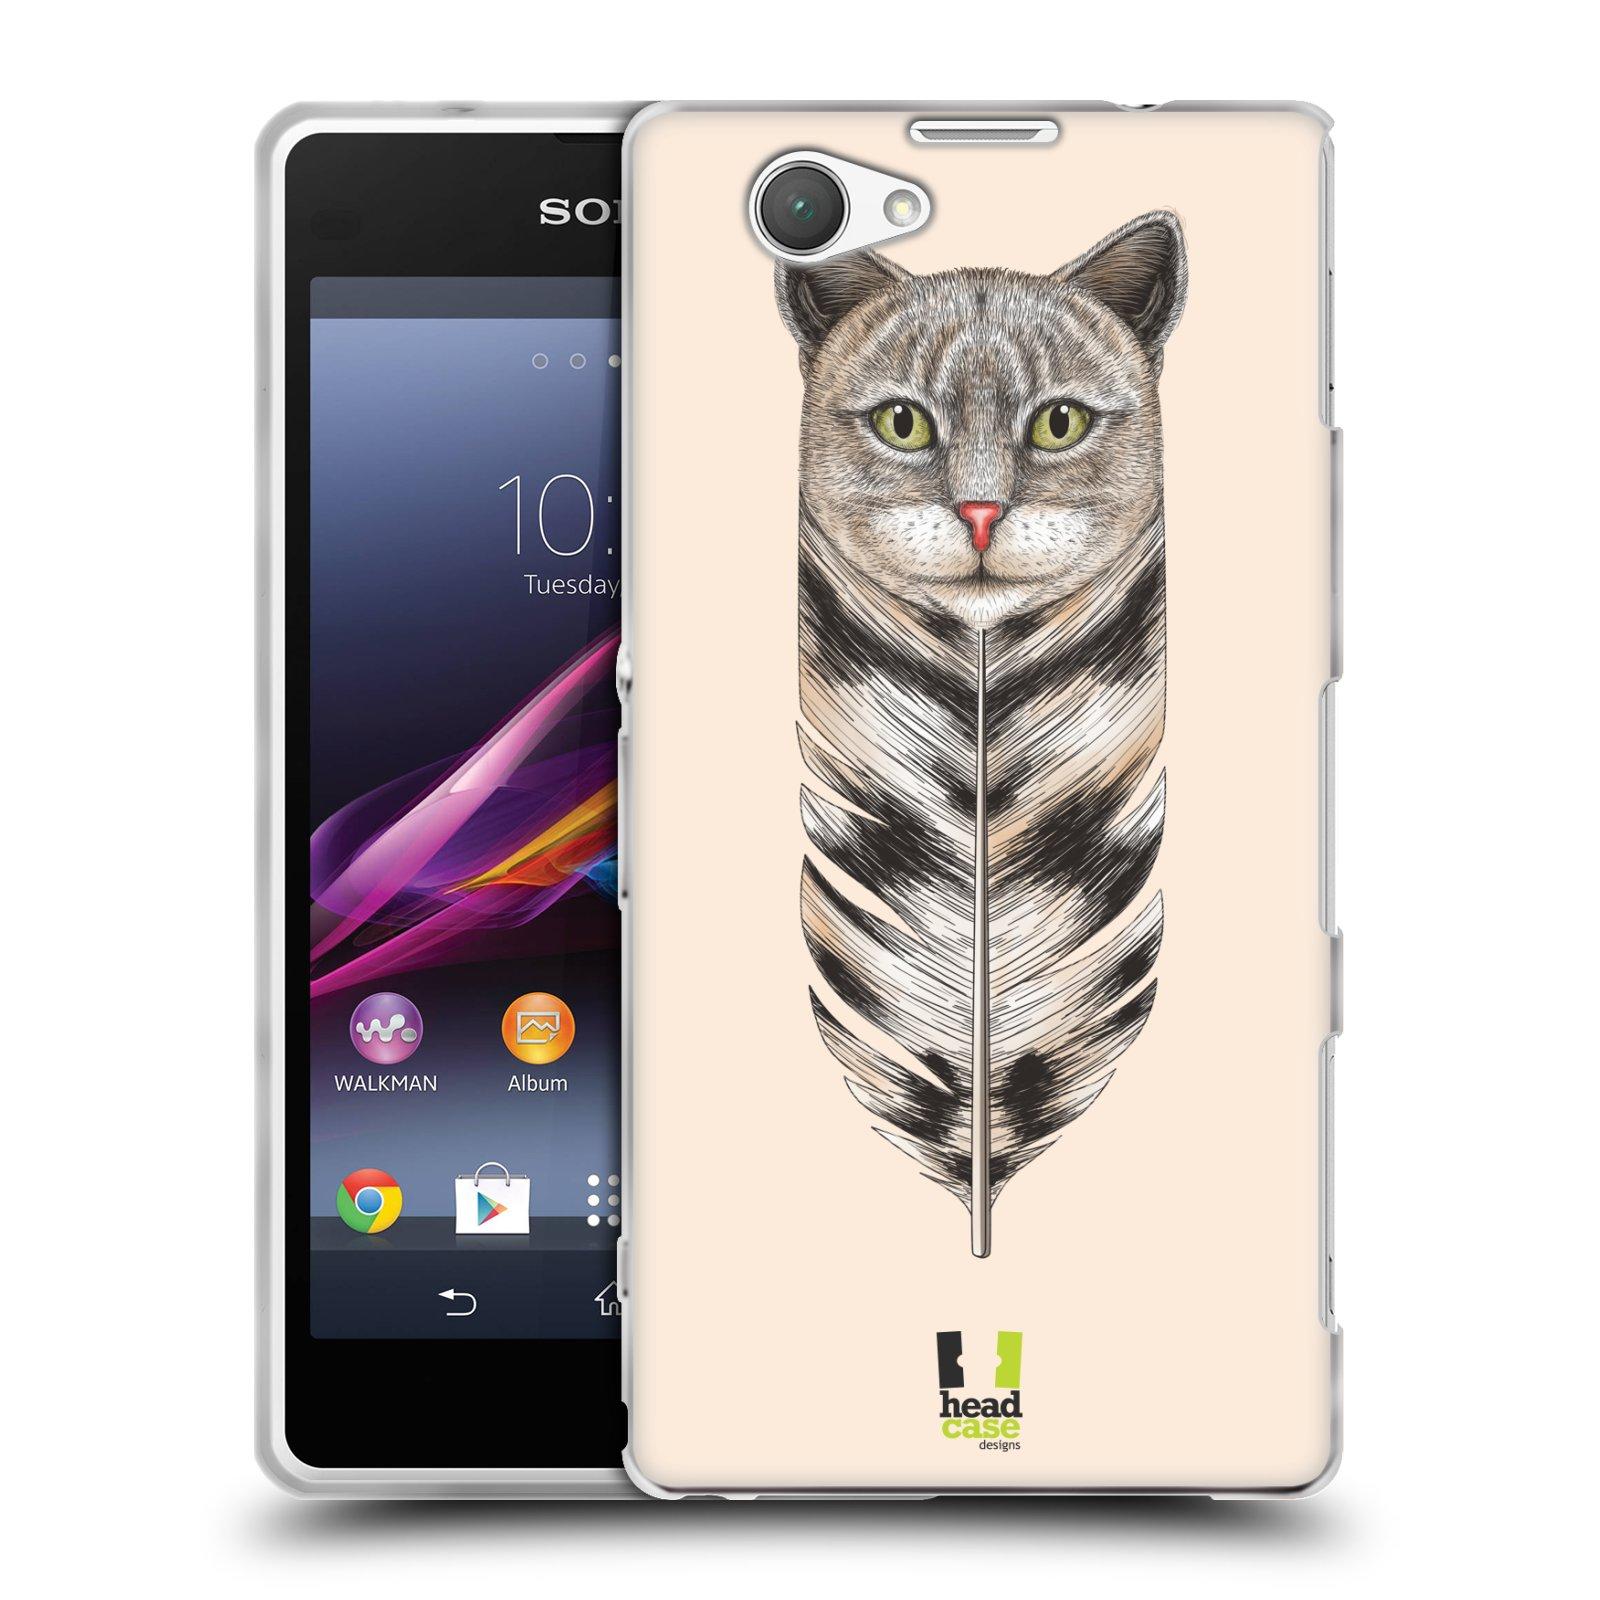 Silikonové pouzdro na mobil Sony Xperia Z1 Compact D5503 HEAD CASE PÍRKO KOČKA (Silikonový kryt či obal na mobilní telefon Sony Xperia Z1 Compact)